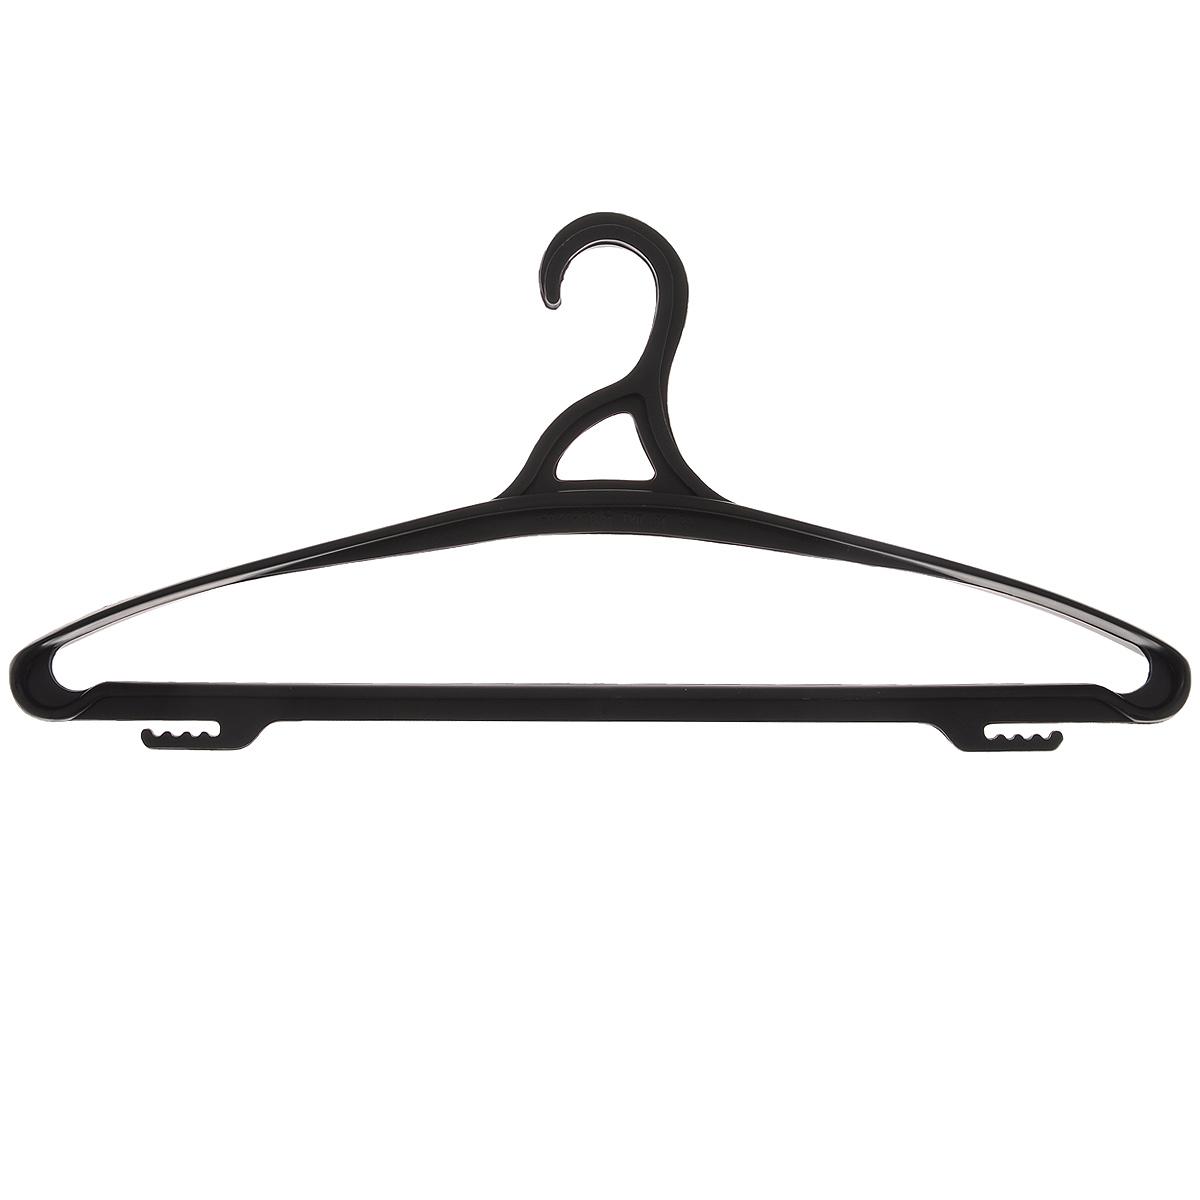 Вешалка ддя верхней одежды Бытпласт, размер 52-54RG-D31SВешалка для верхней одежды Бытпласт выполнена из прочного пластика.Изделие оснащено перекладиной и боковыми крючками.Вешалка - это незаменимая вещь для того, чтобы ваша одежда всегда оставалась в хорошем состоянии.Размер одежды: 52-54.